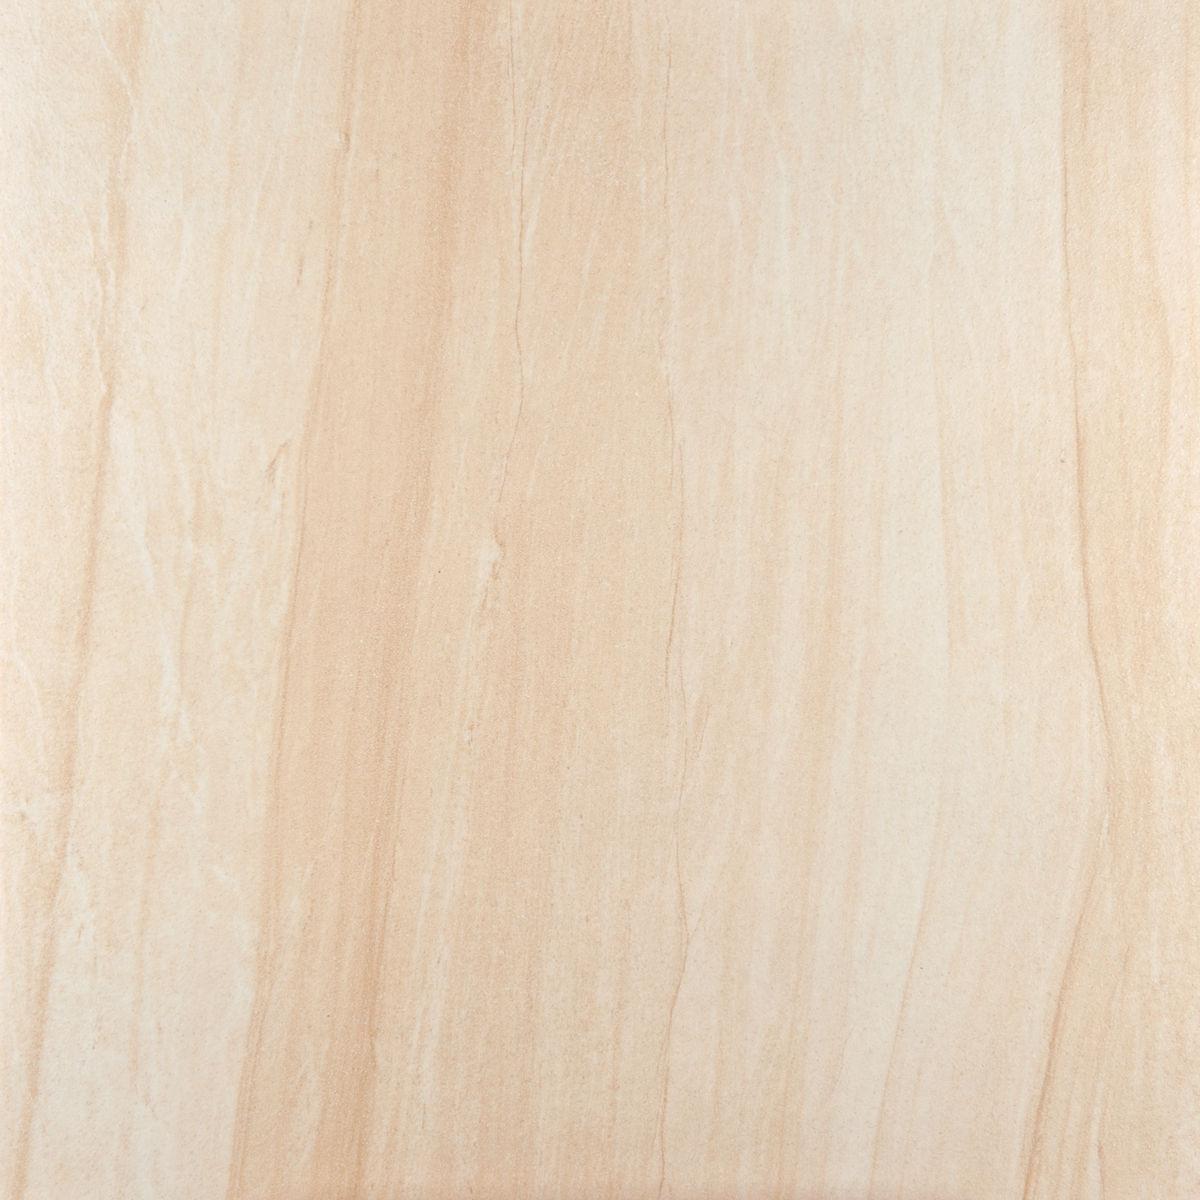 Плитка Pietra del Deserto Bianco 45x45 (zwxe1) изображение 0